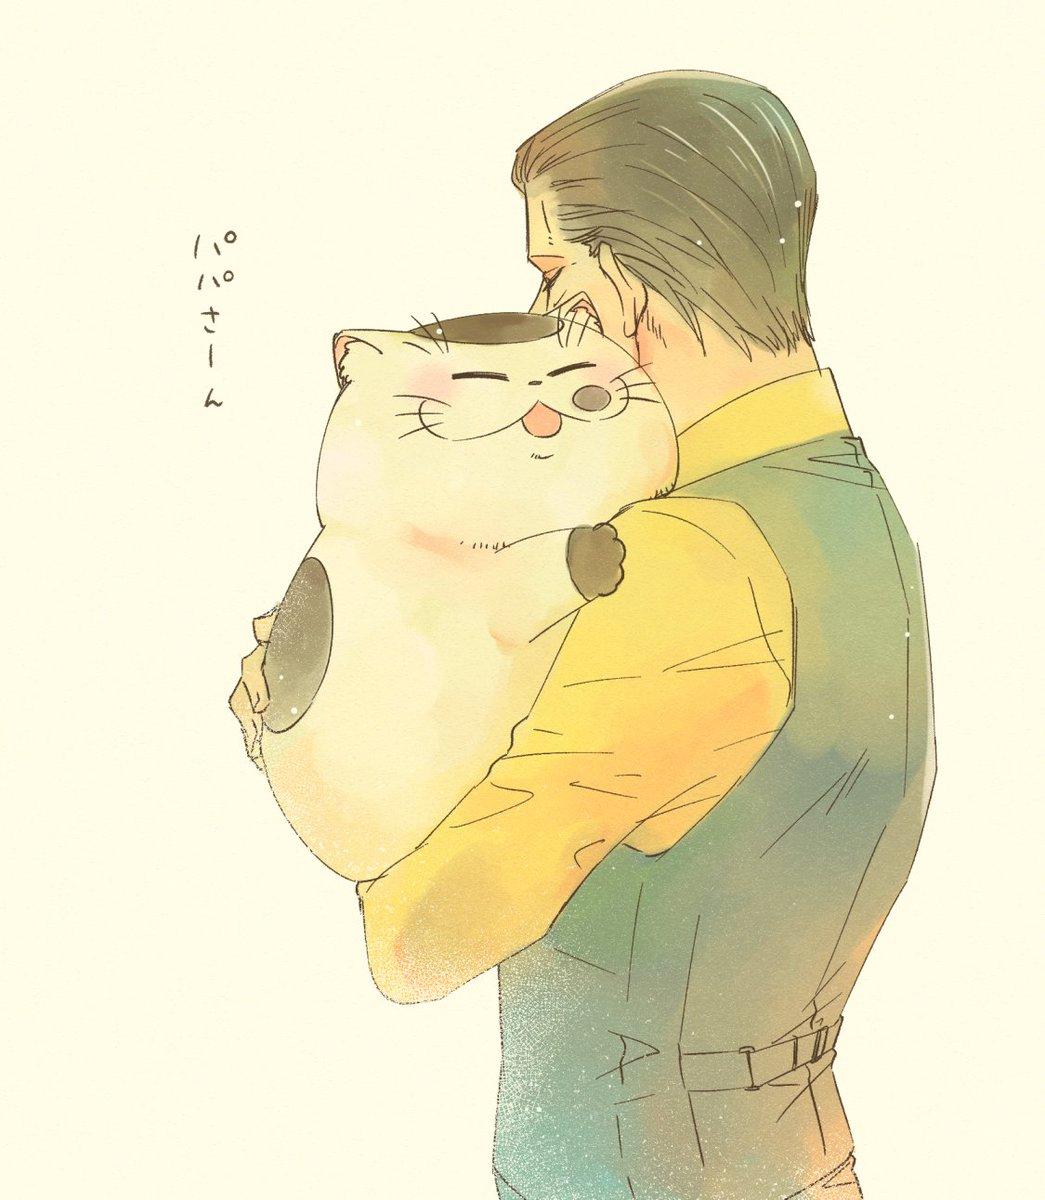 パパさんパパさん今日は猫の日にゃー